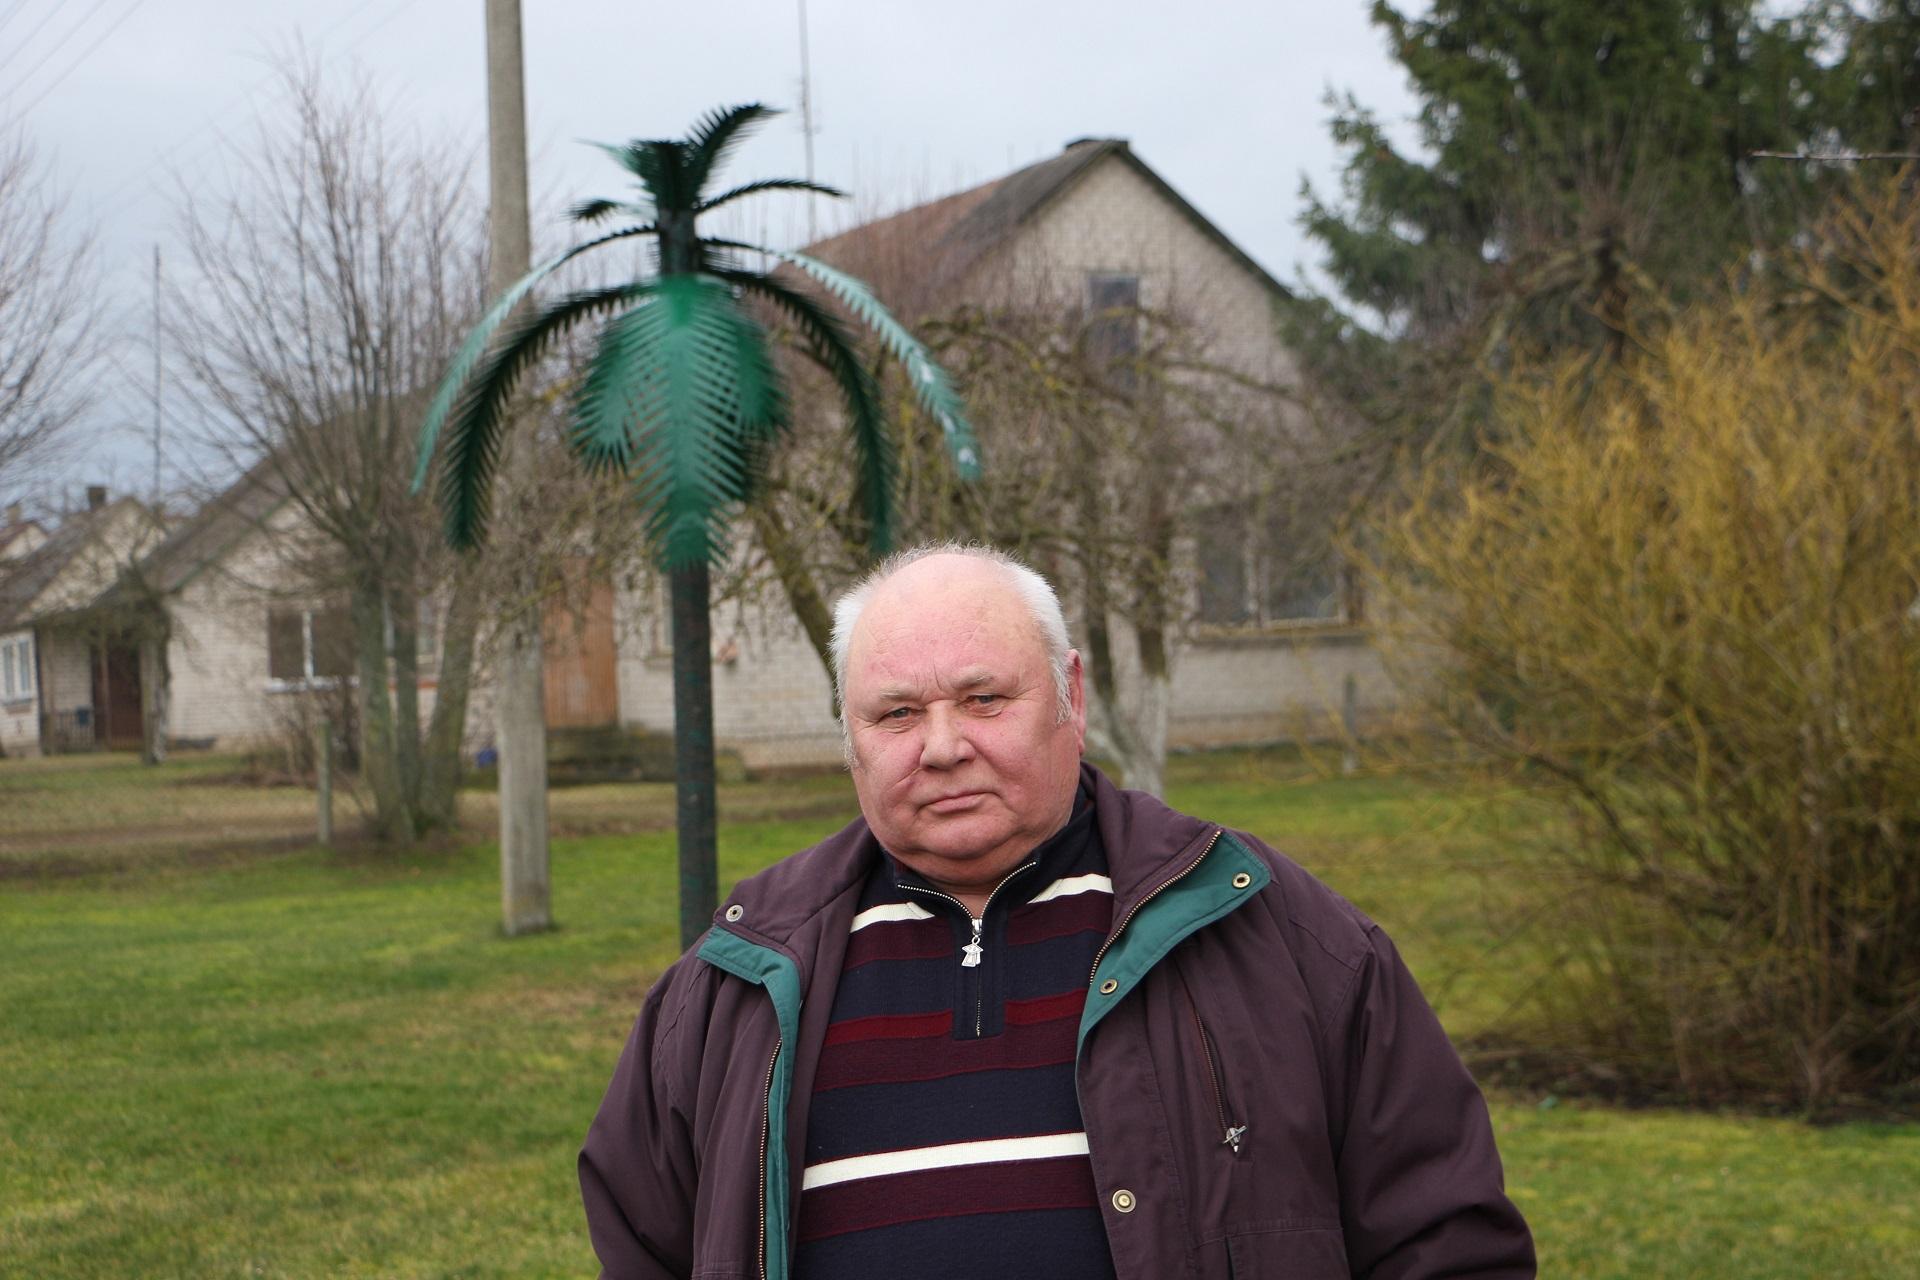 Bronius Stašinskas, kaip didžioji dauguma Beinaičių kaimo gyventojų sako, visų galų meistras, niekada neatsisakantis padėti. / Džestinos Borodinaitės nuotr.